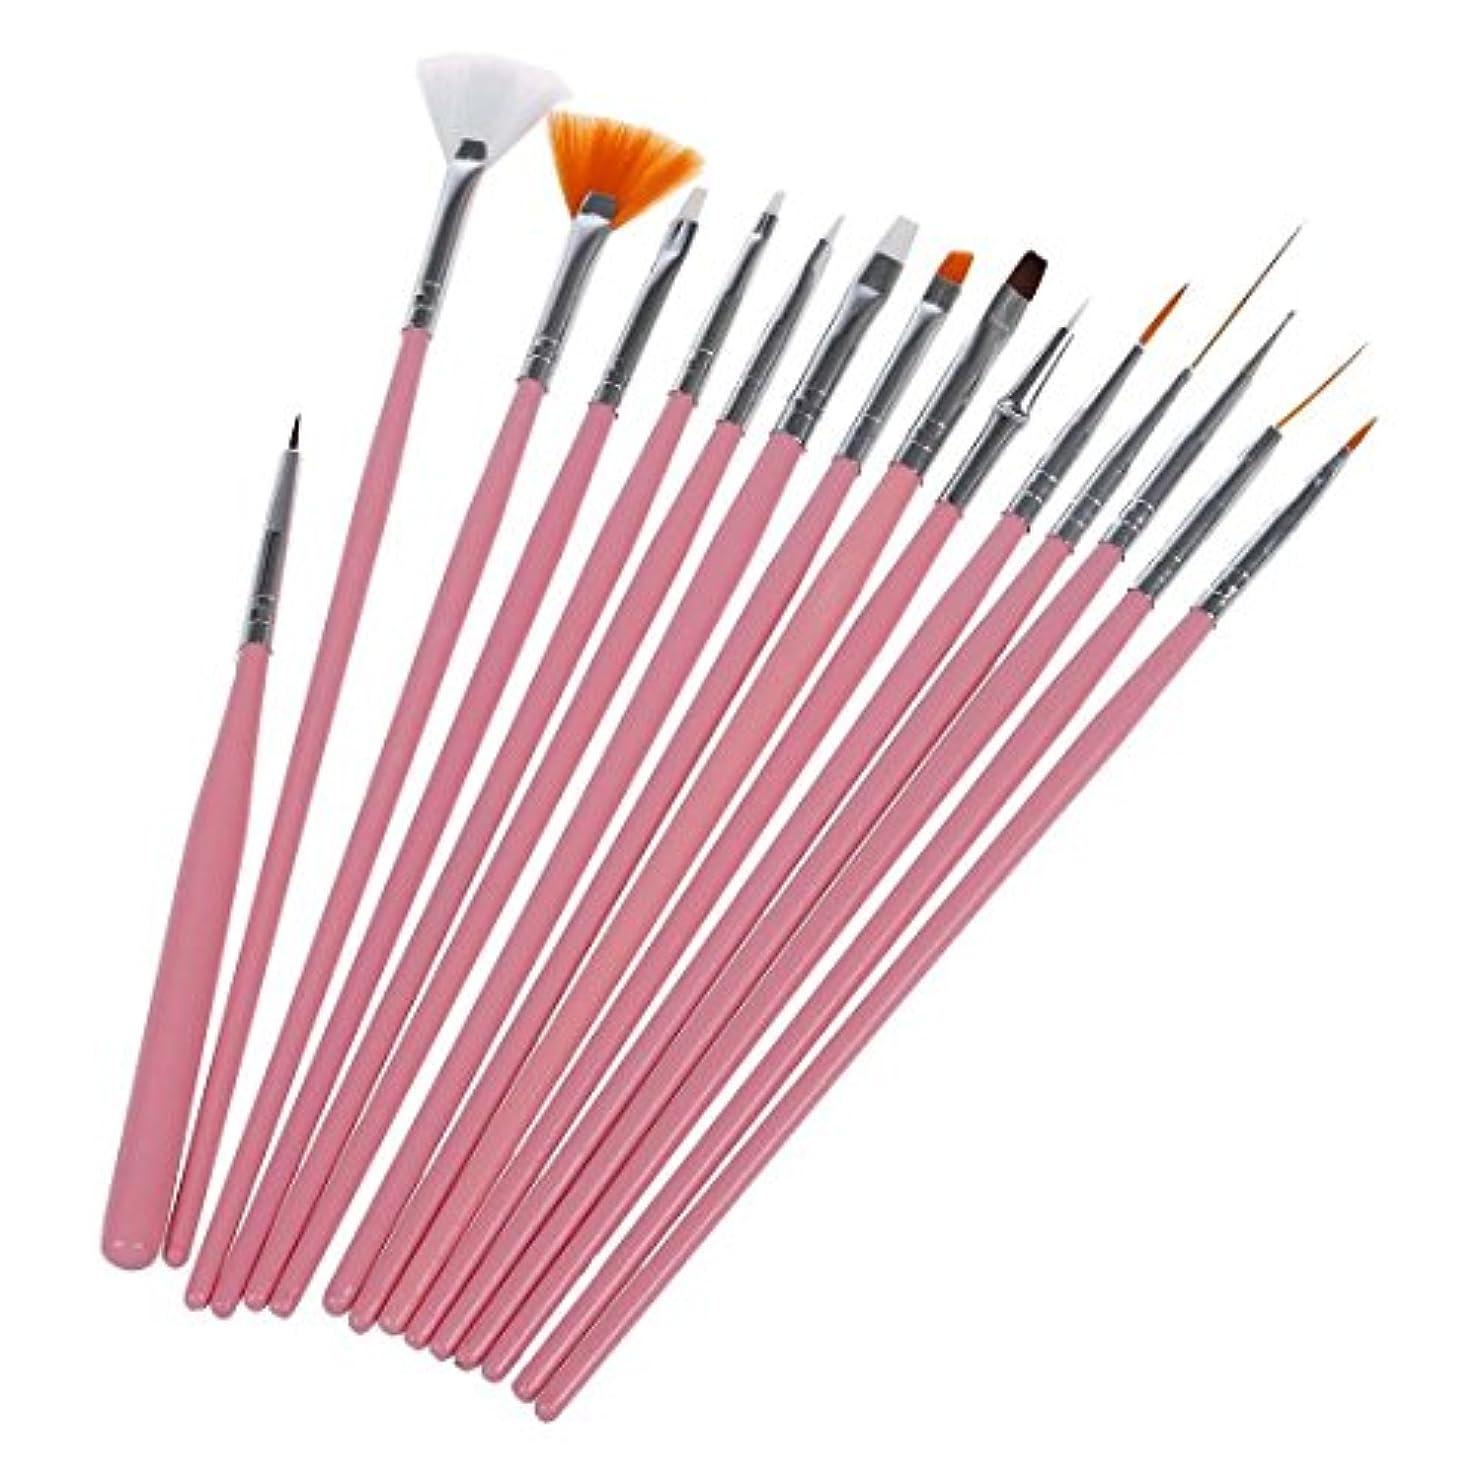 力不完全な製造業SODIAL(R) 15Xネイルアートアクリル UVジェル 設計ブラシセット ペインティングペン チップツールキット ピンク